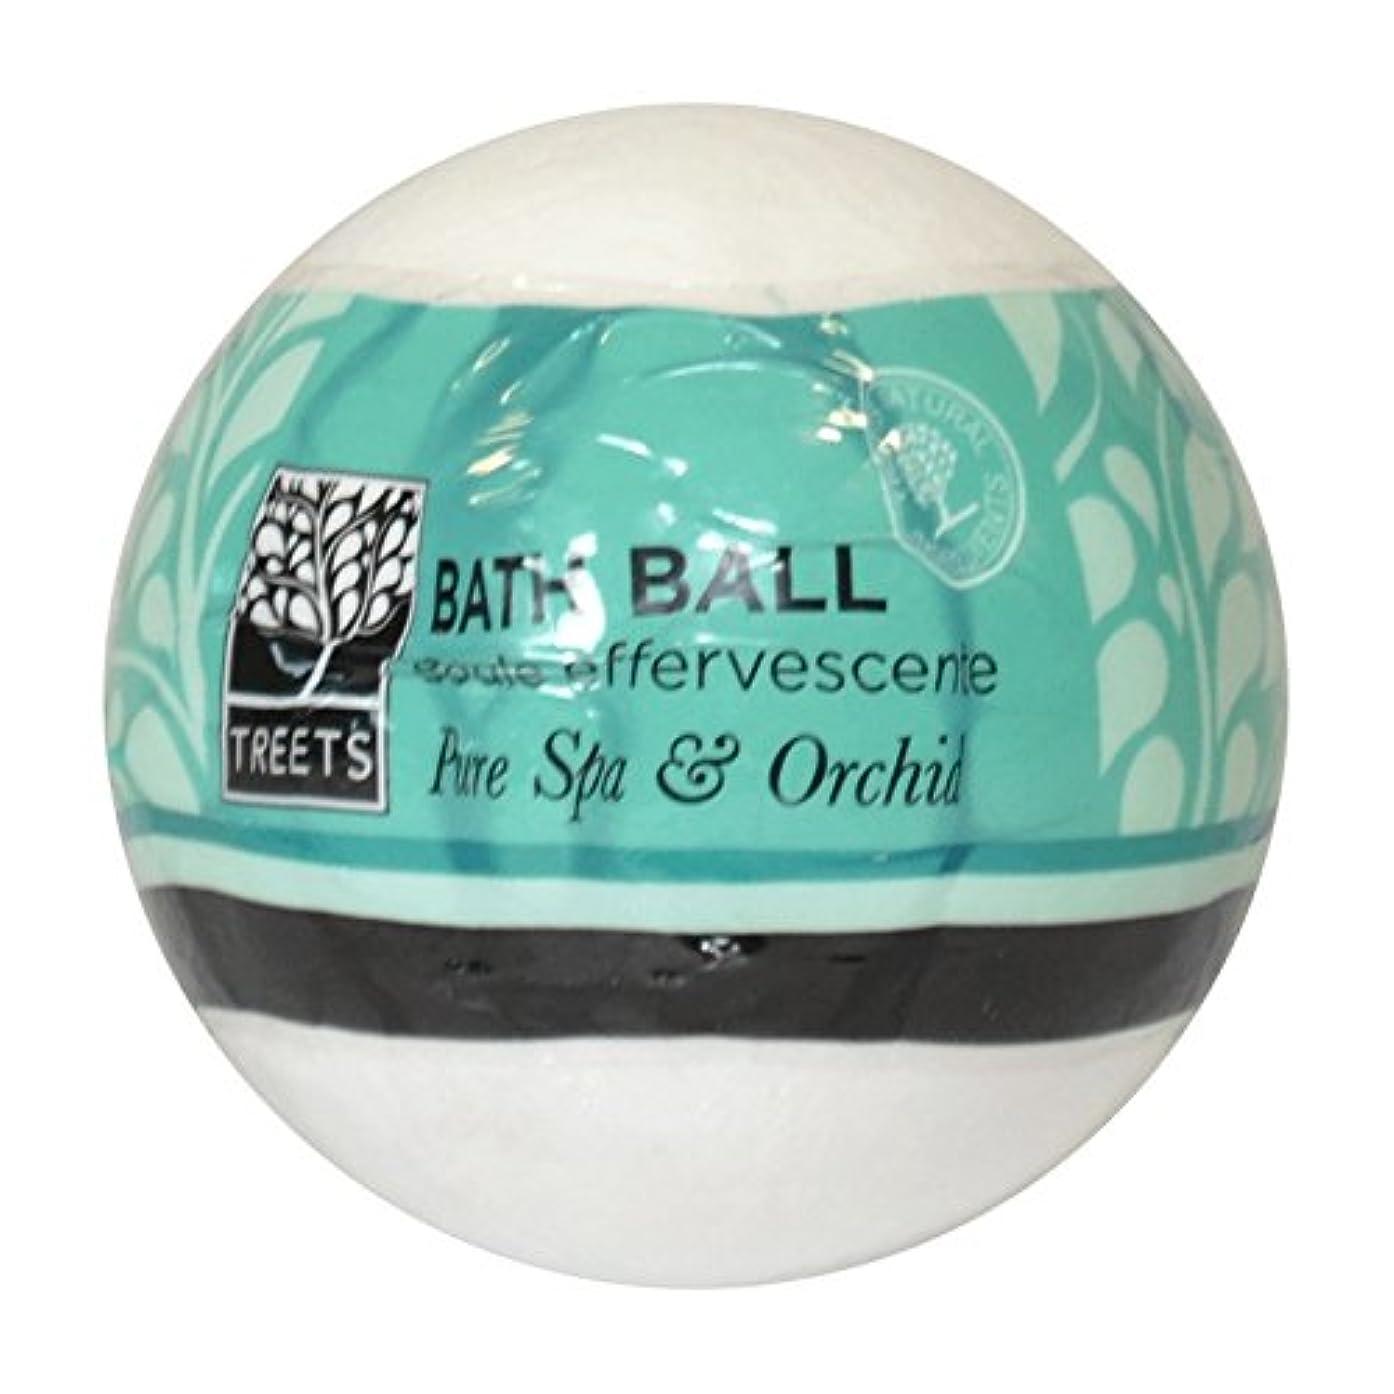 リル風刺外科医Treets Orchid & Pure Spa Bath Ball (Pack of 6) - Treets蘭&純粋なスパバスボール (x6) [並行輸入品]